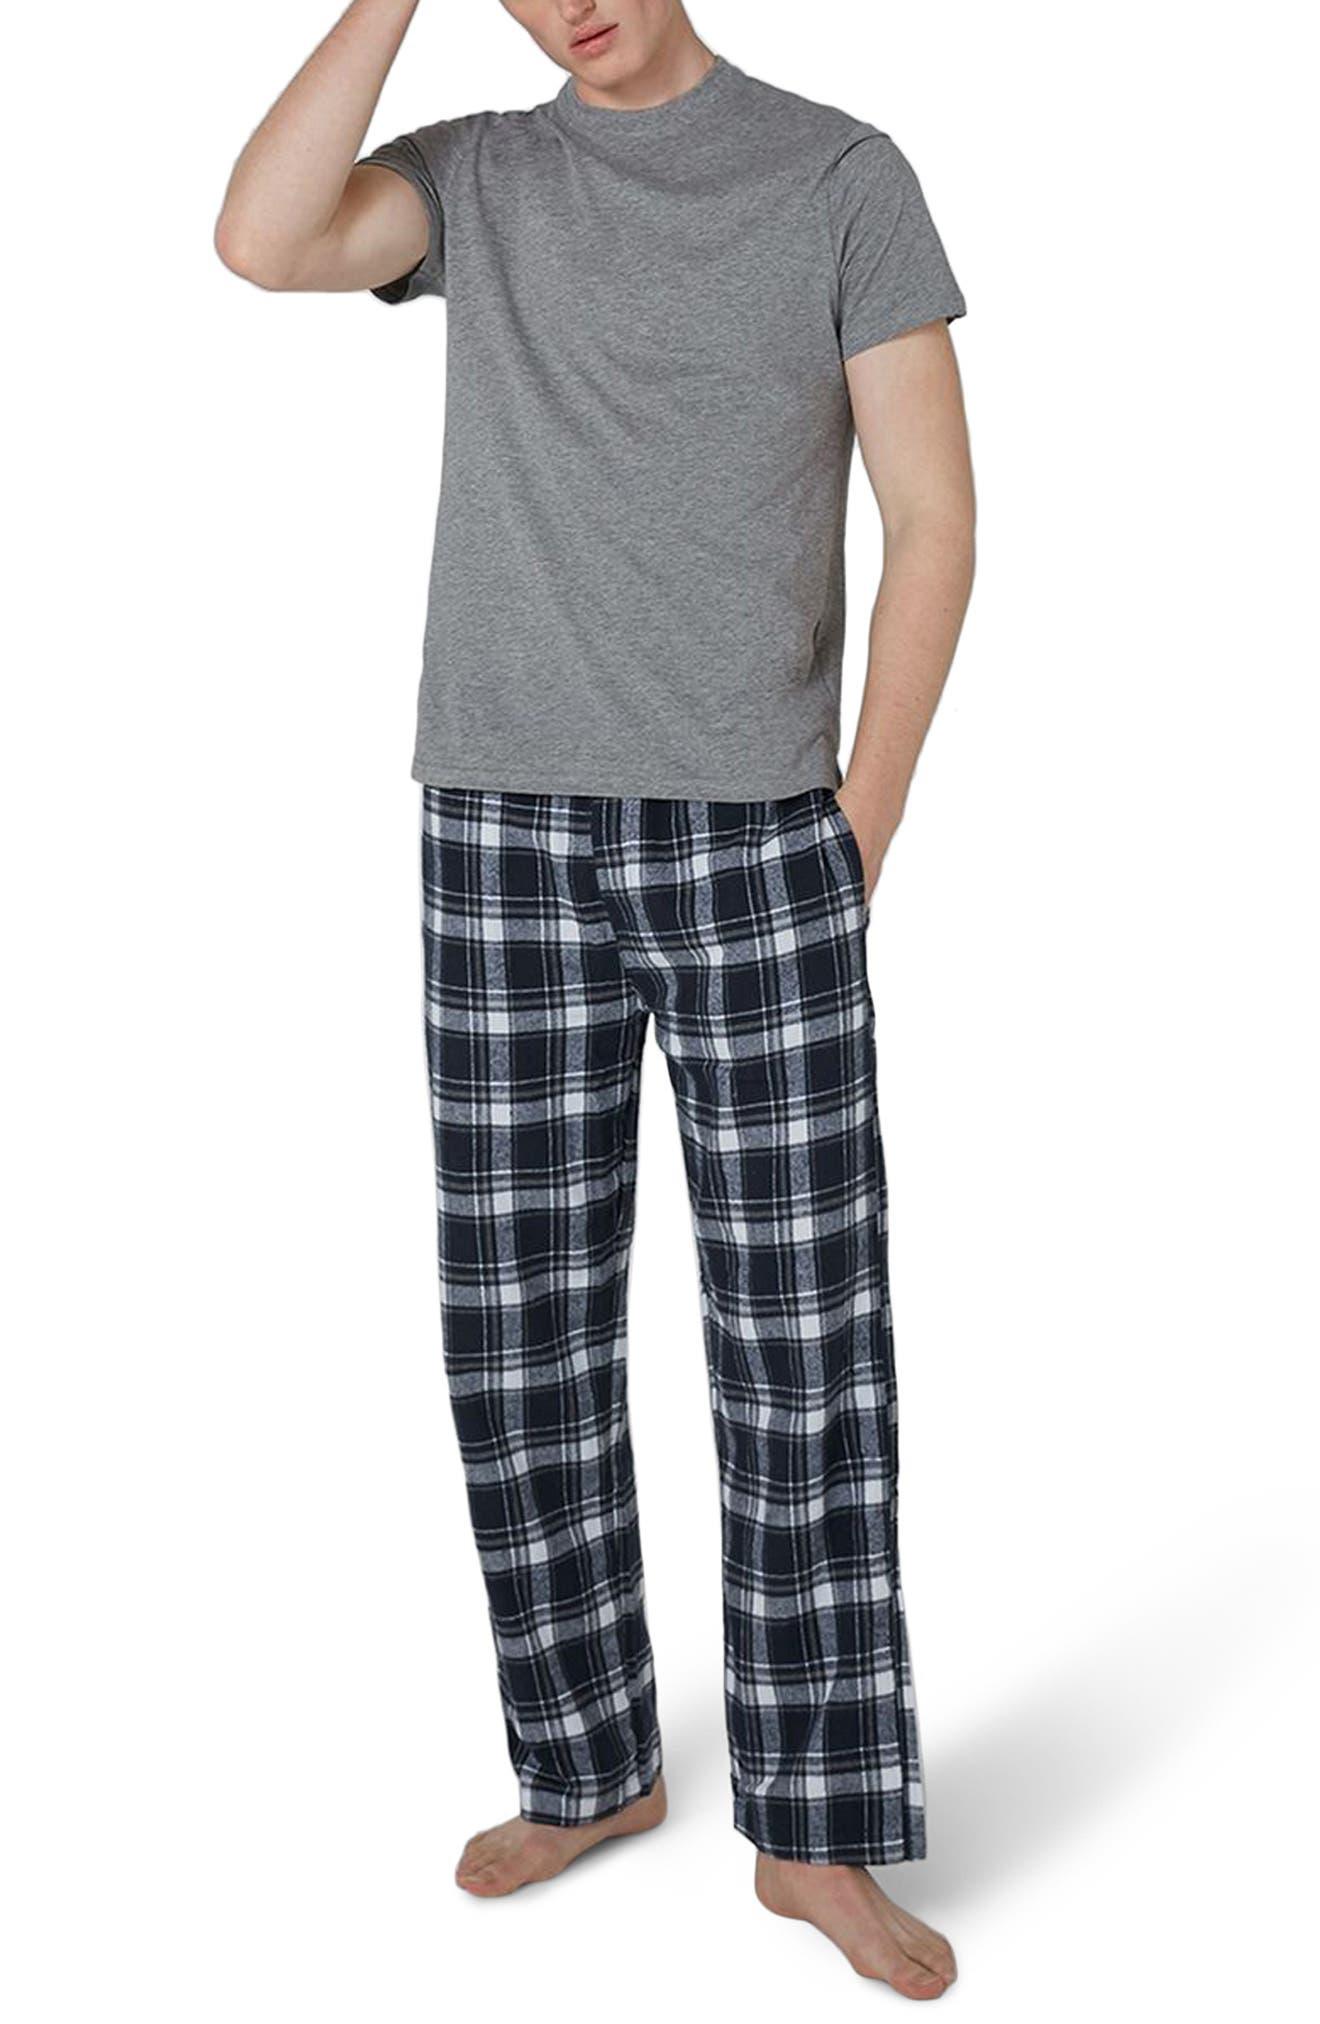 Topman Check Pajama Set